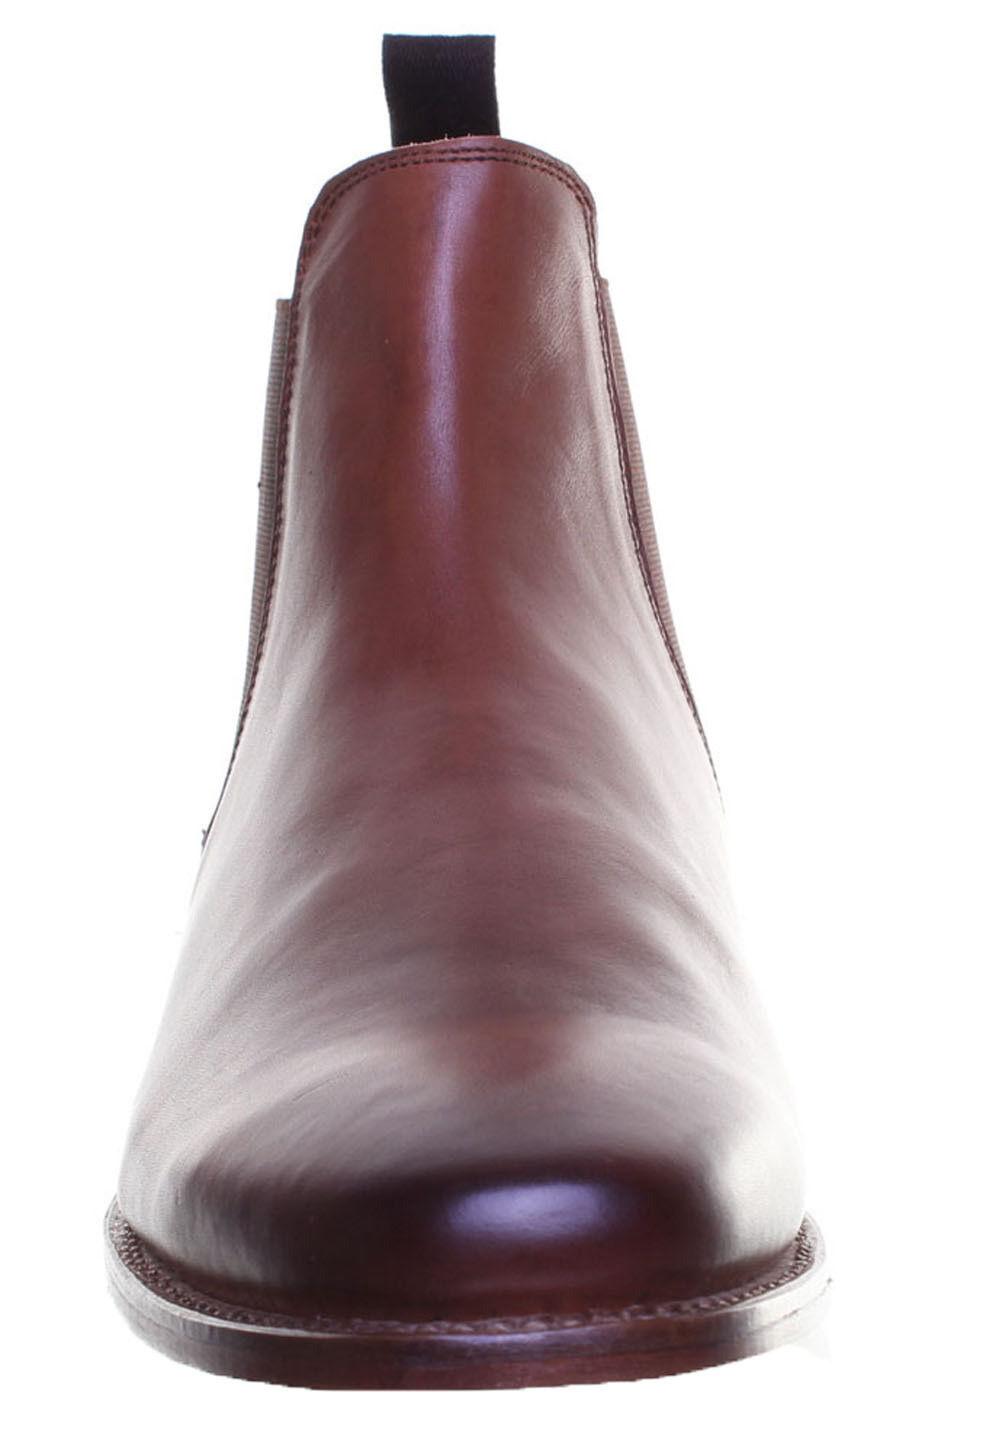 Justin Reece Trevor Herren Leder Leder Leder Sole Casual Pull on Chelsea Premium GroBe EU 35 22a0ab